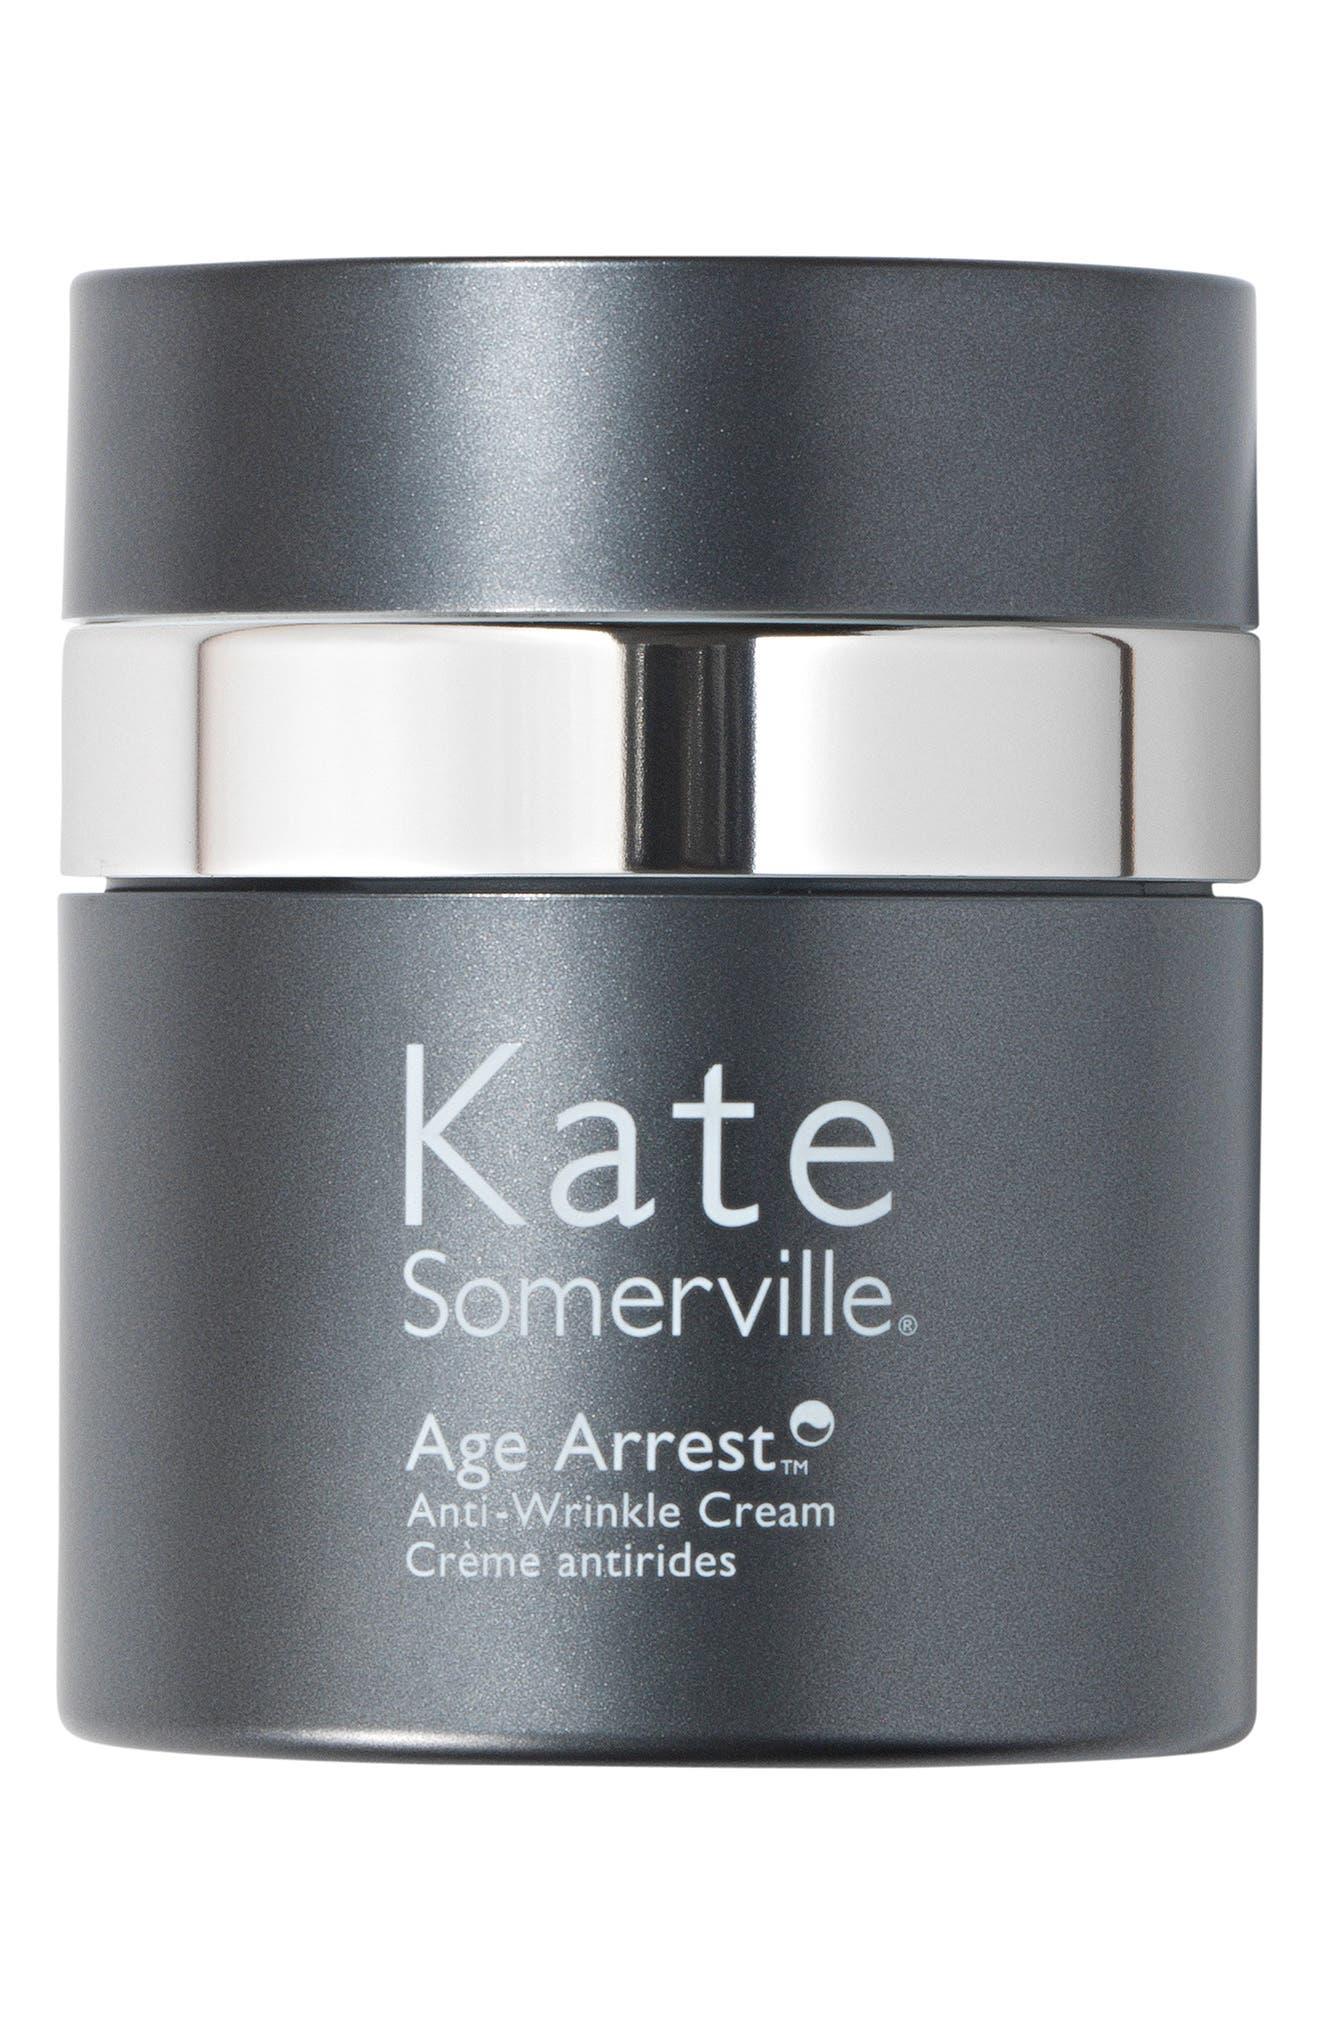 Kate Somerville Age Arrest Wrinkle Cream